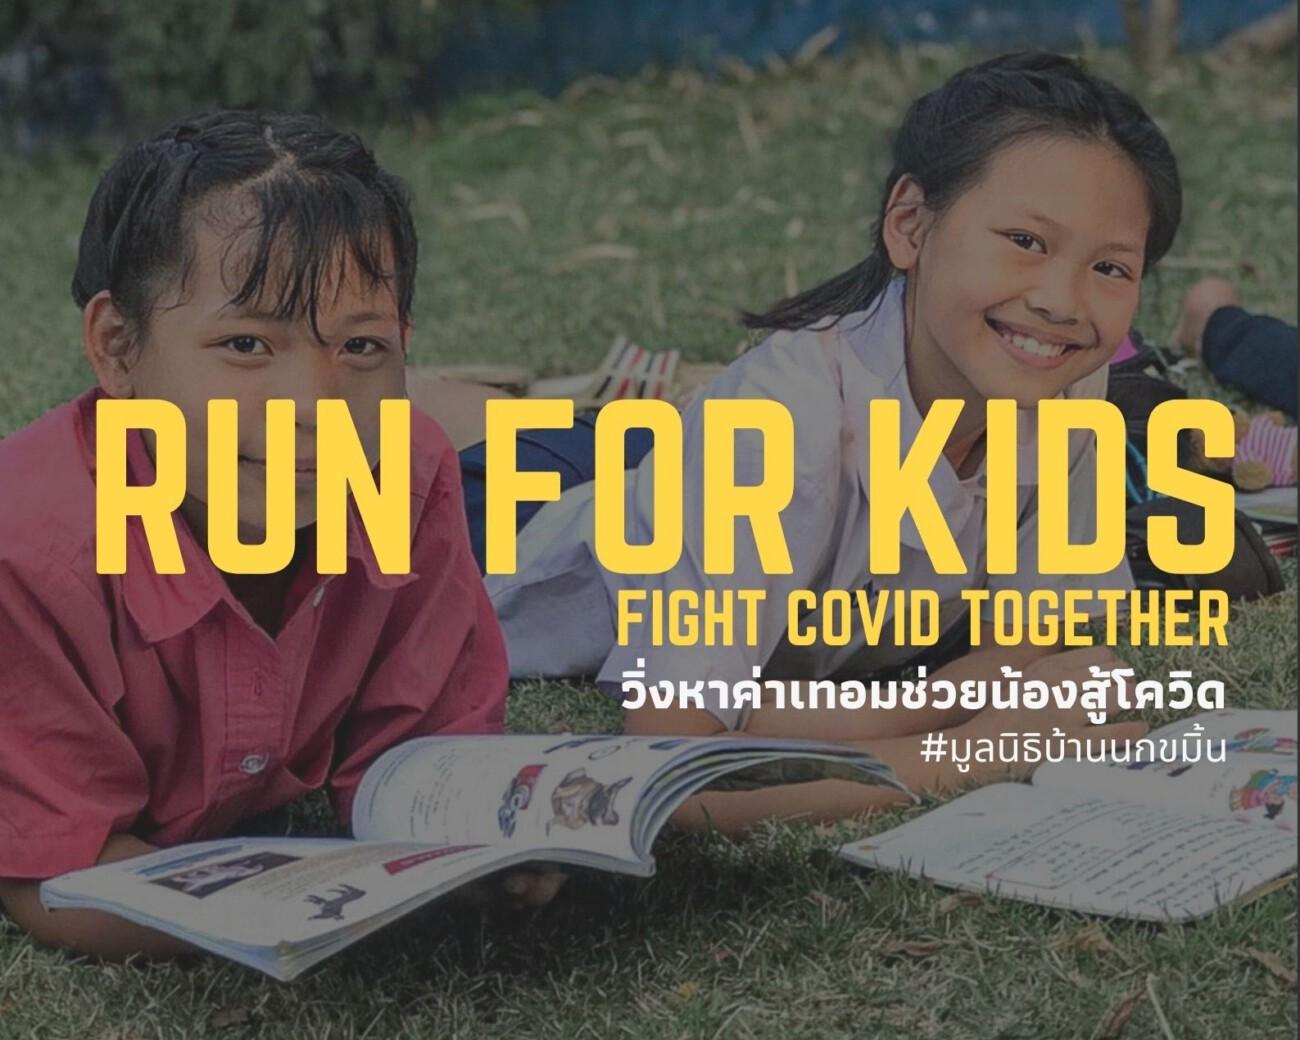 เปิดจองเสื้อวิ่งเพื่อร่วมกิจกรรม Run for kids